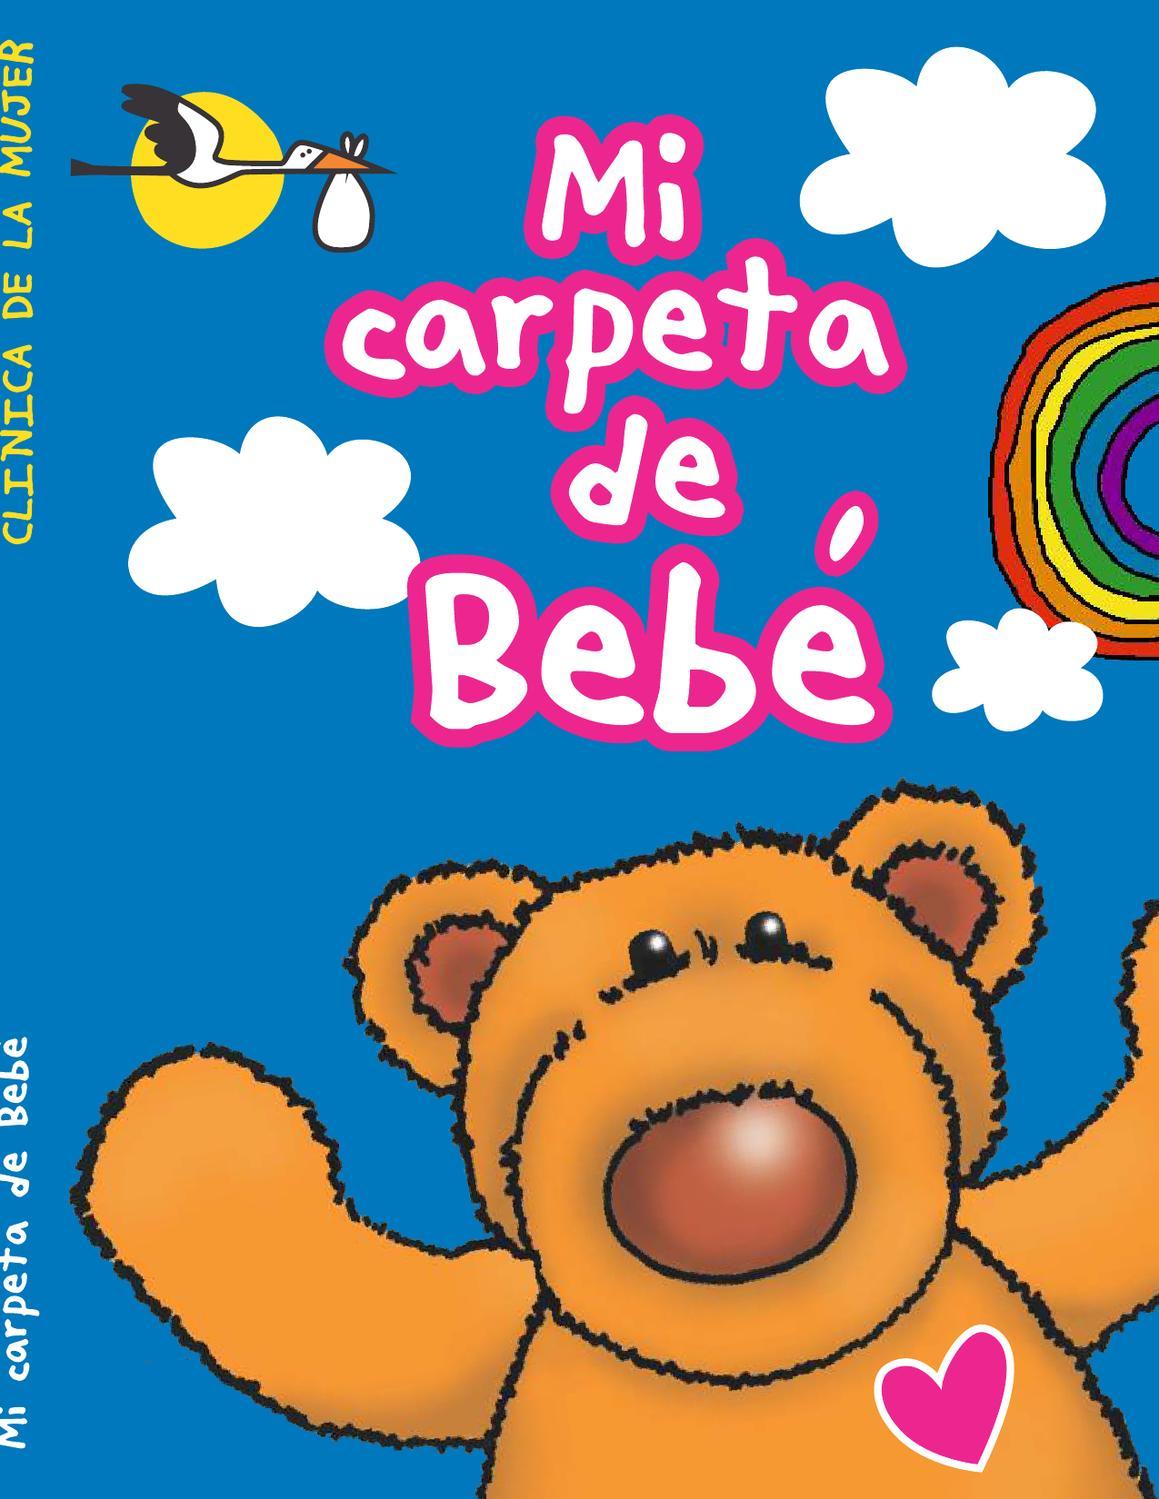 CARPETA DE MI BEBE By ANA MARIA DIAZ NEIRA